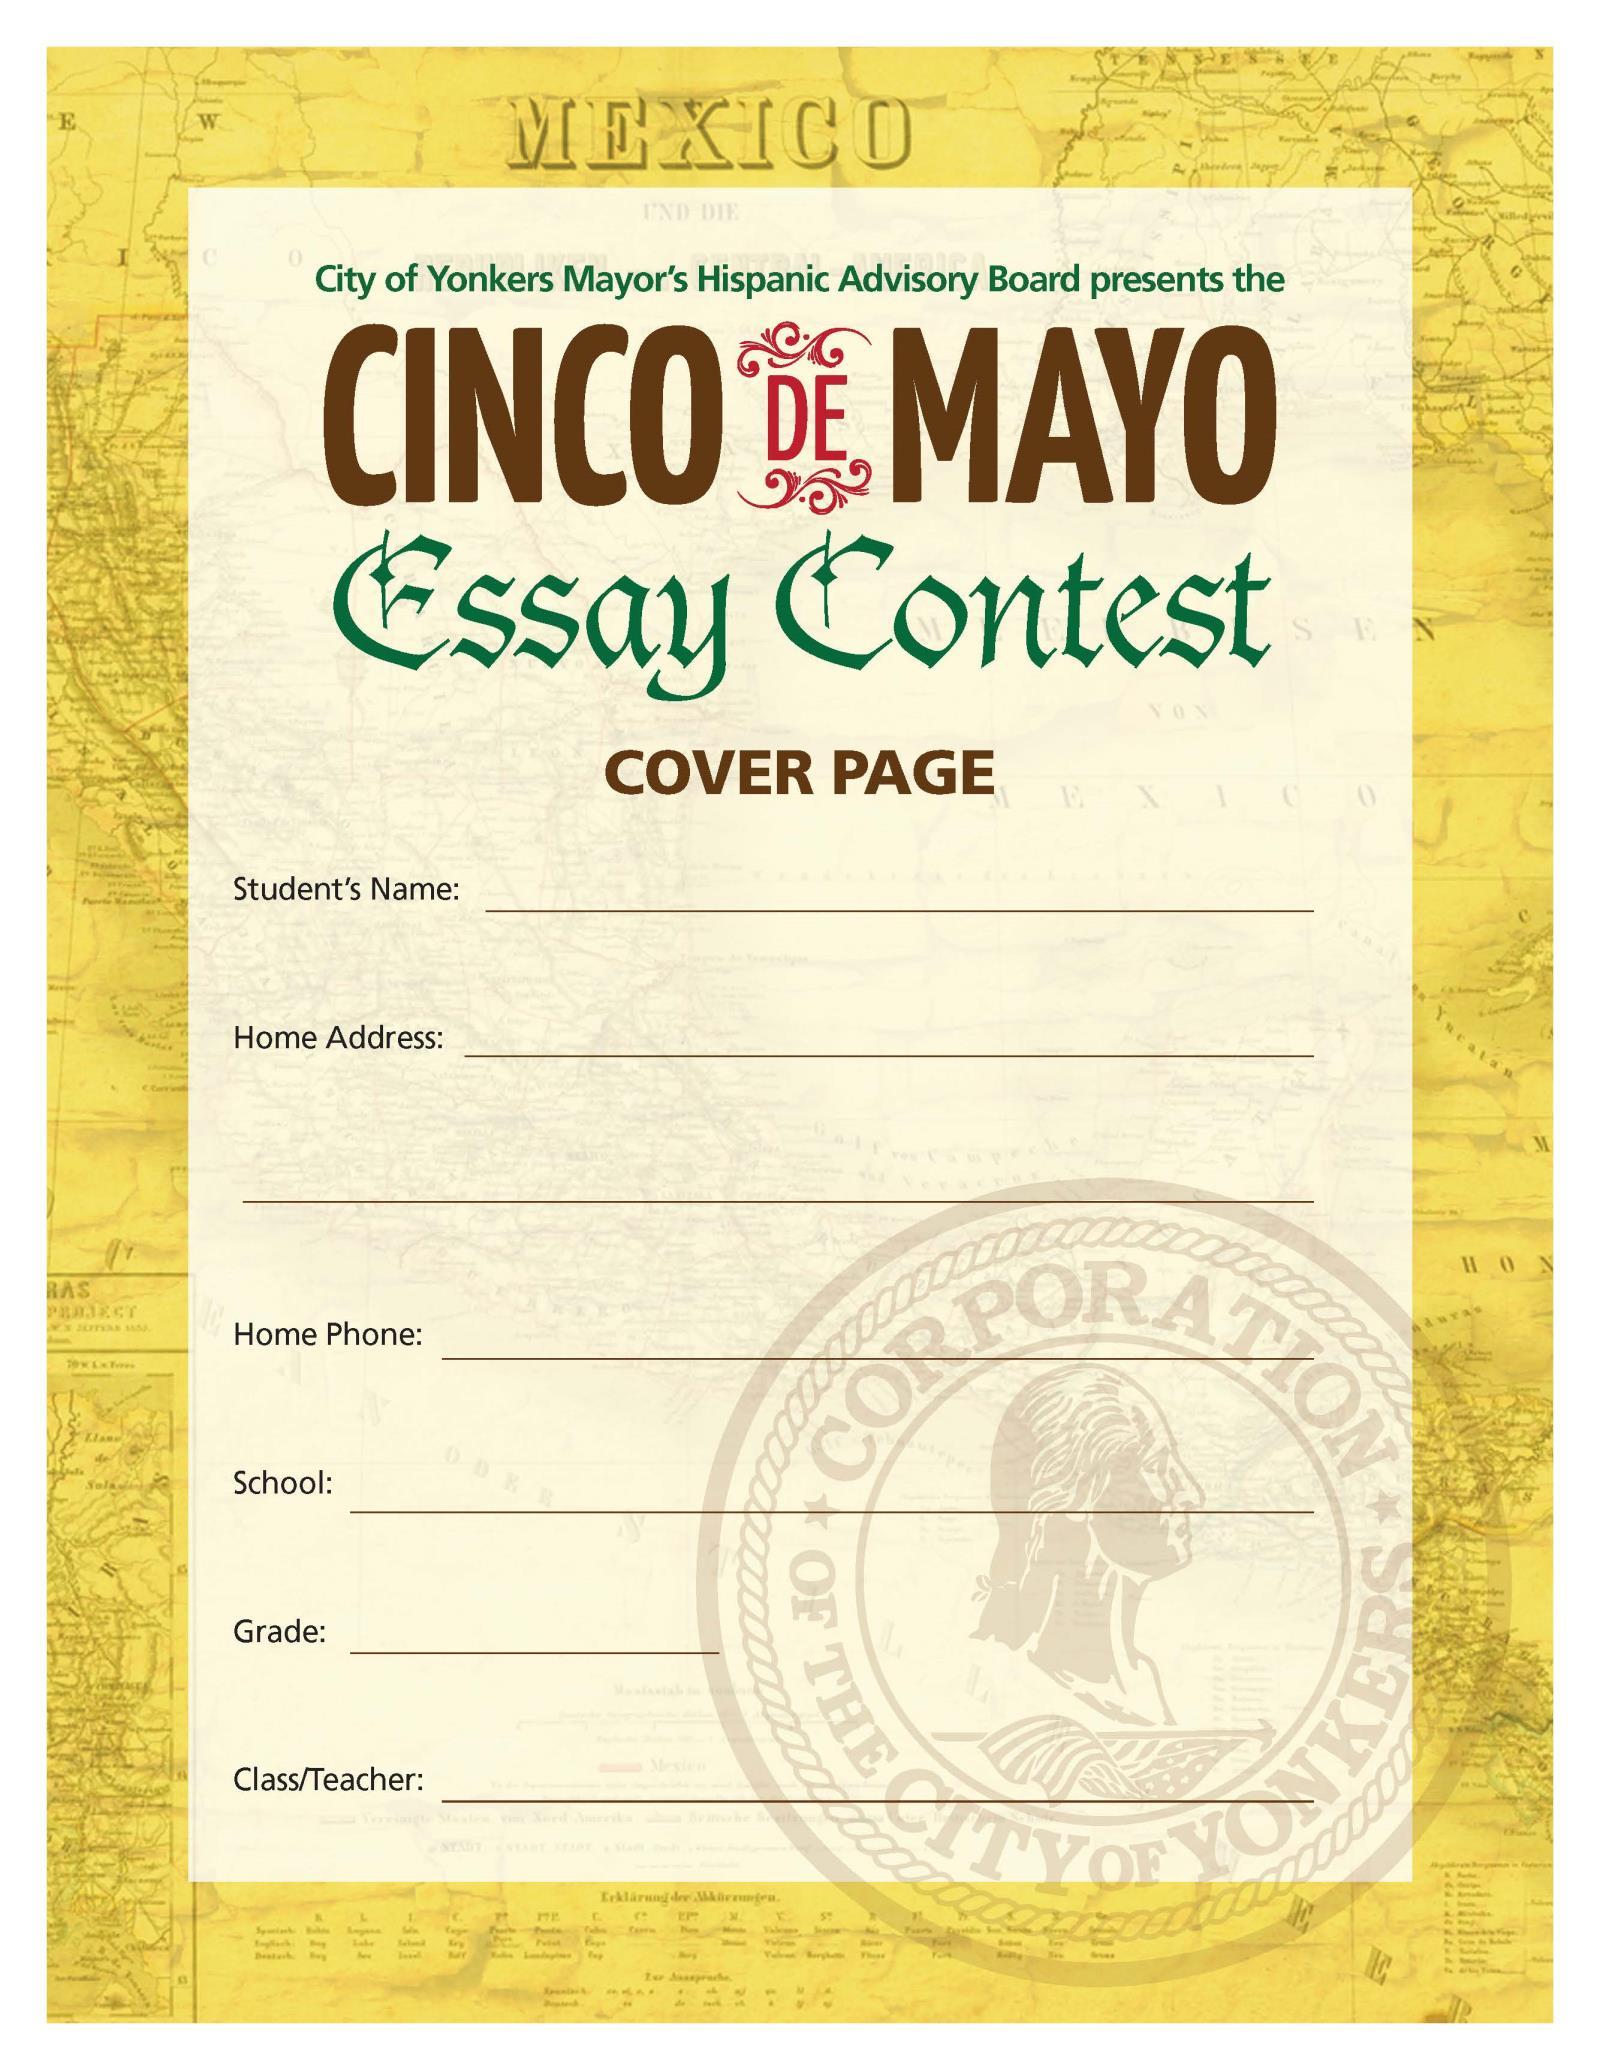 Cinco de mayo essays